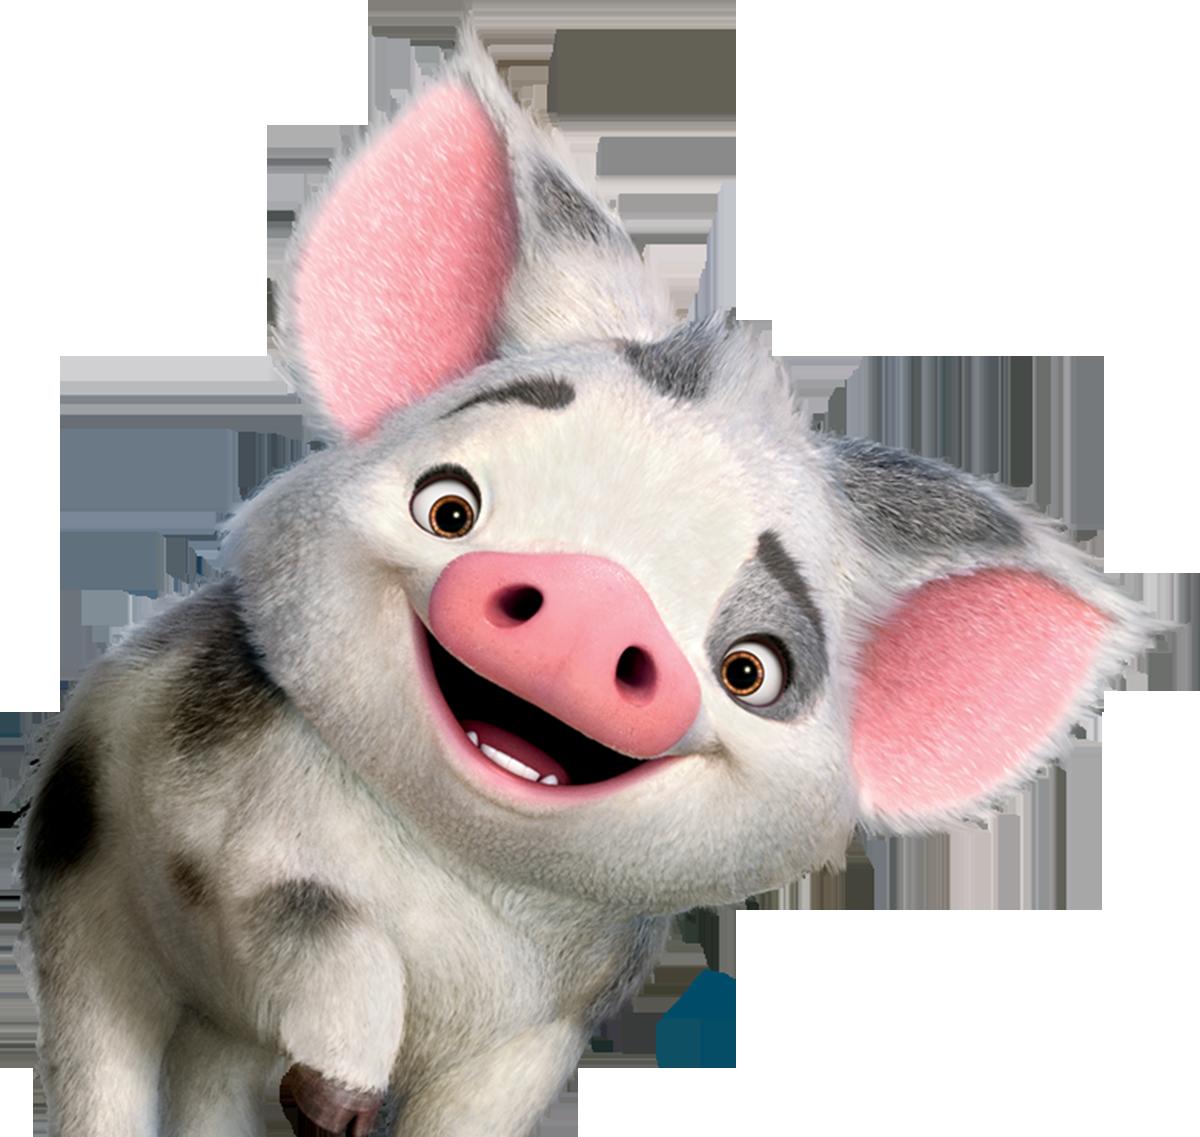 Moana clipart character animal disney. Afbeeldingsresultaat voor pua pinterest